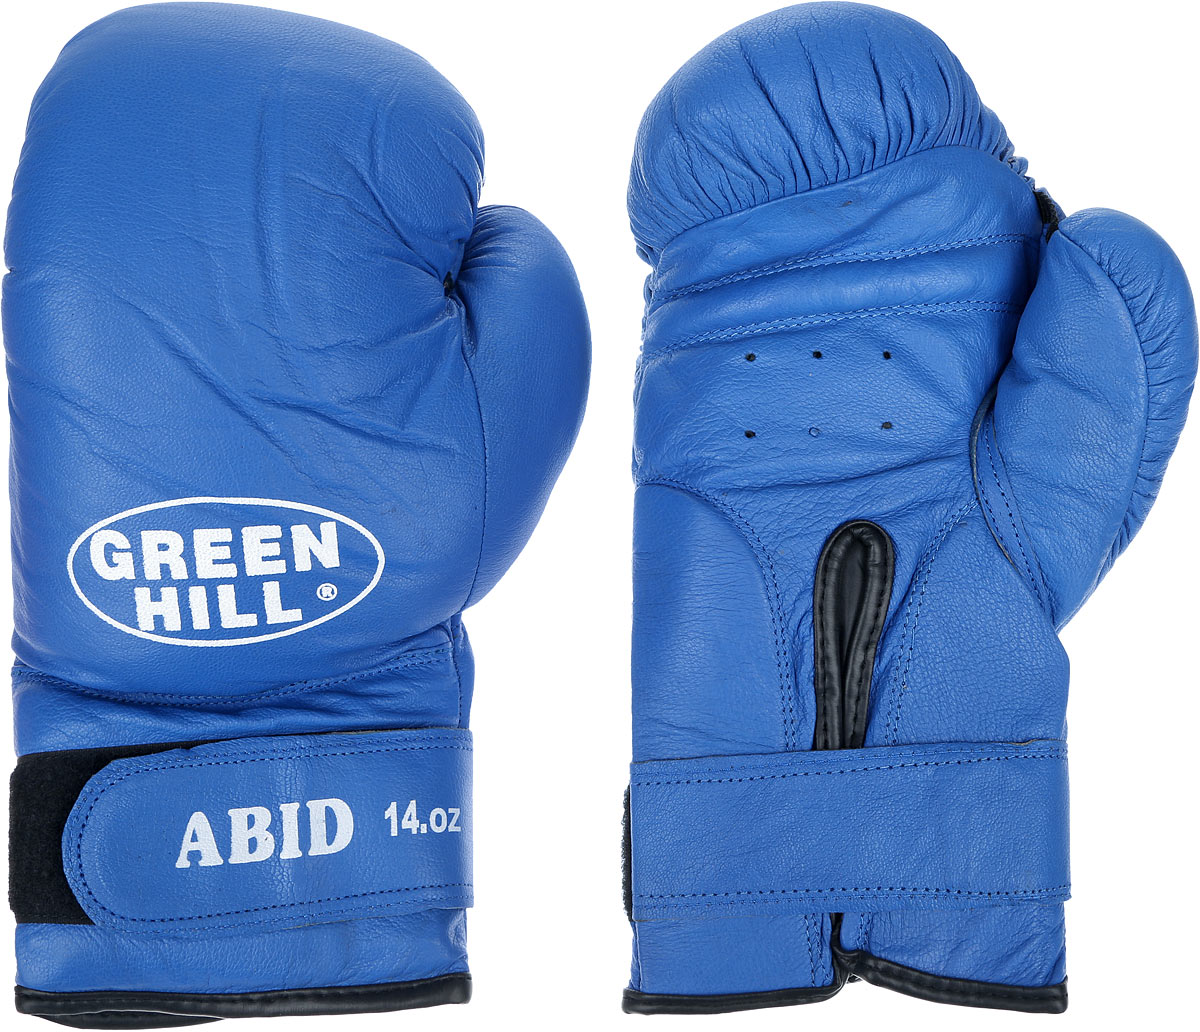 Перчатки боксерские Green Hill Abid, цвет: синий, белый. Вес 14 унцийPMF-2068Боксерские тренировочные перчатки Green Hill Abid выполнены из натуральной кожи. Они отлично подойдут для начинающих спортсменов. Мягкий наполнитель из очеса предотвращает любые травмы. Отверстия в районе ладони обеспечивают вентиляцию. Широкий ремень, охватывая запястье, полностью оборачивается вокруг манжеты, благодаря чему создается дополнительная защита лучезапястного сустава от травмирования. Застежка на липучке способствует быстрому и удобному надеванию перчаток, плотно фиксирует перчатки на руке.